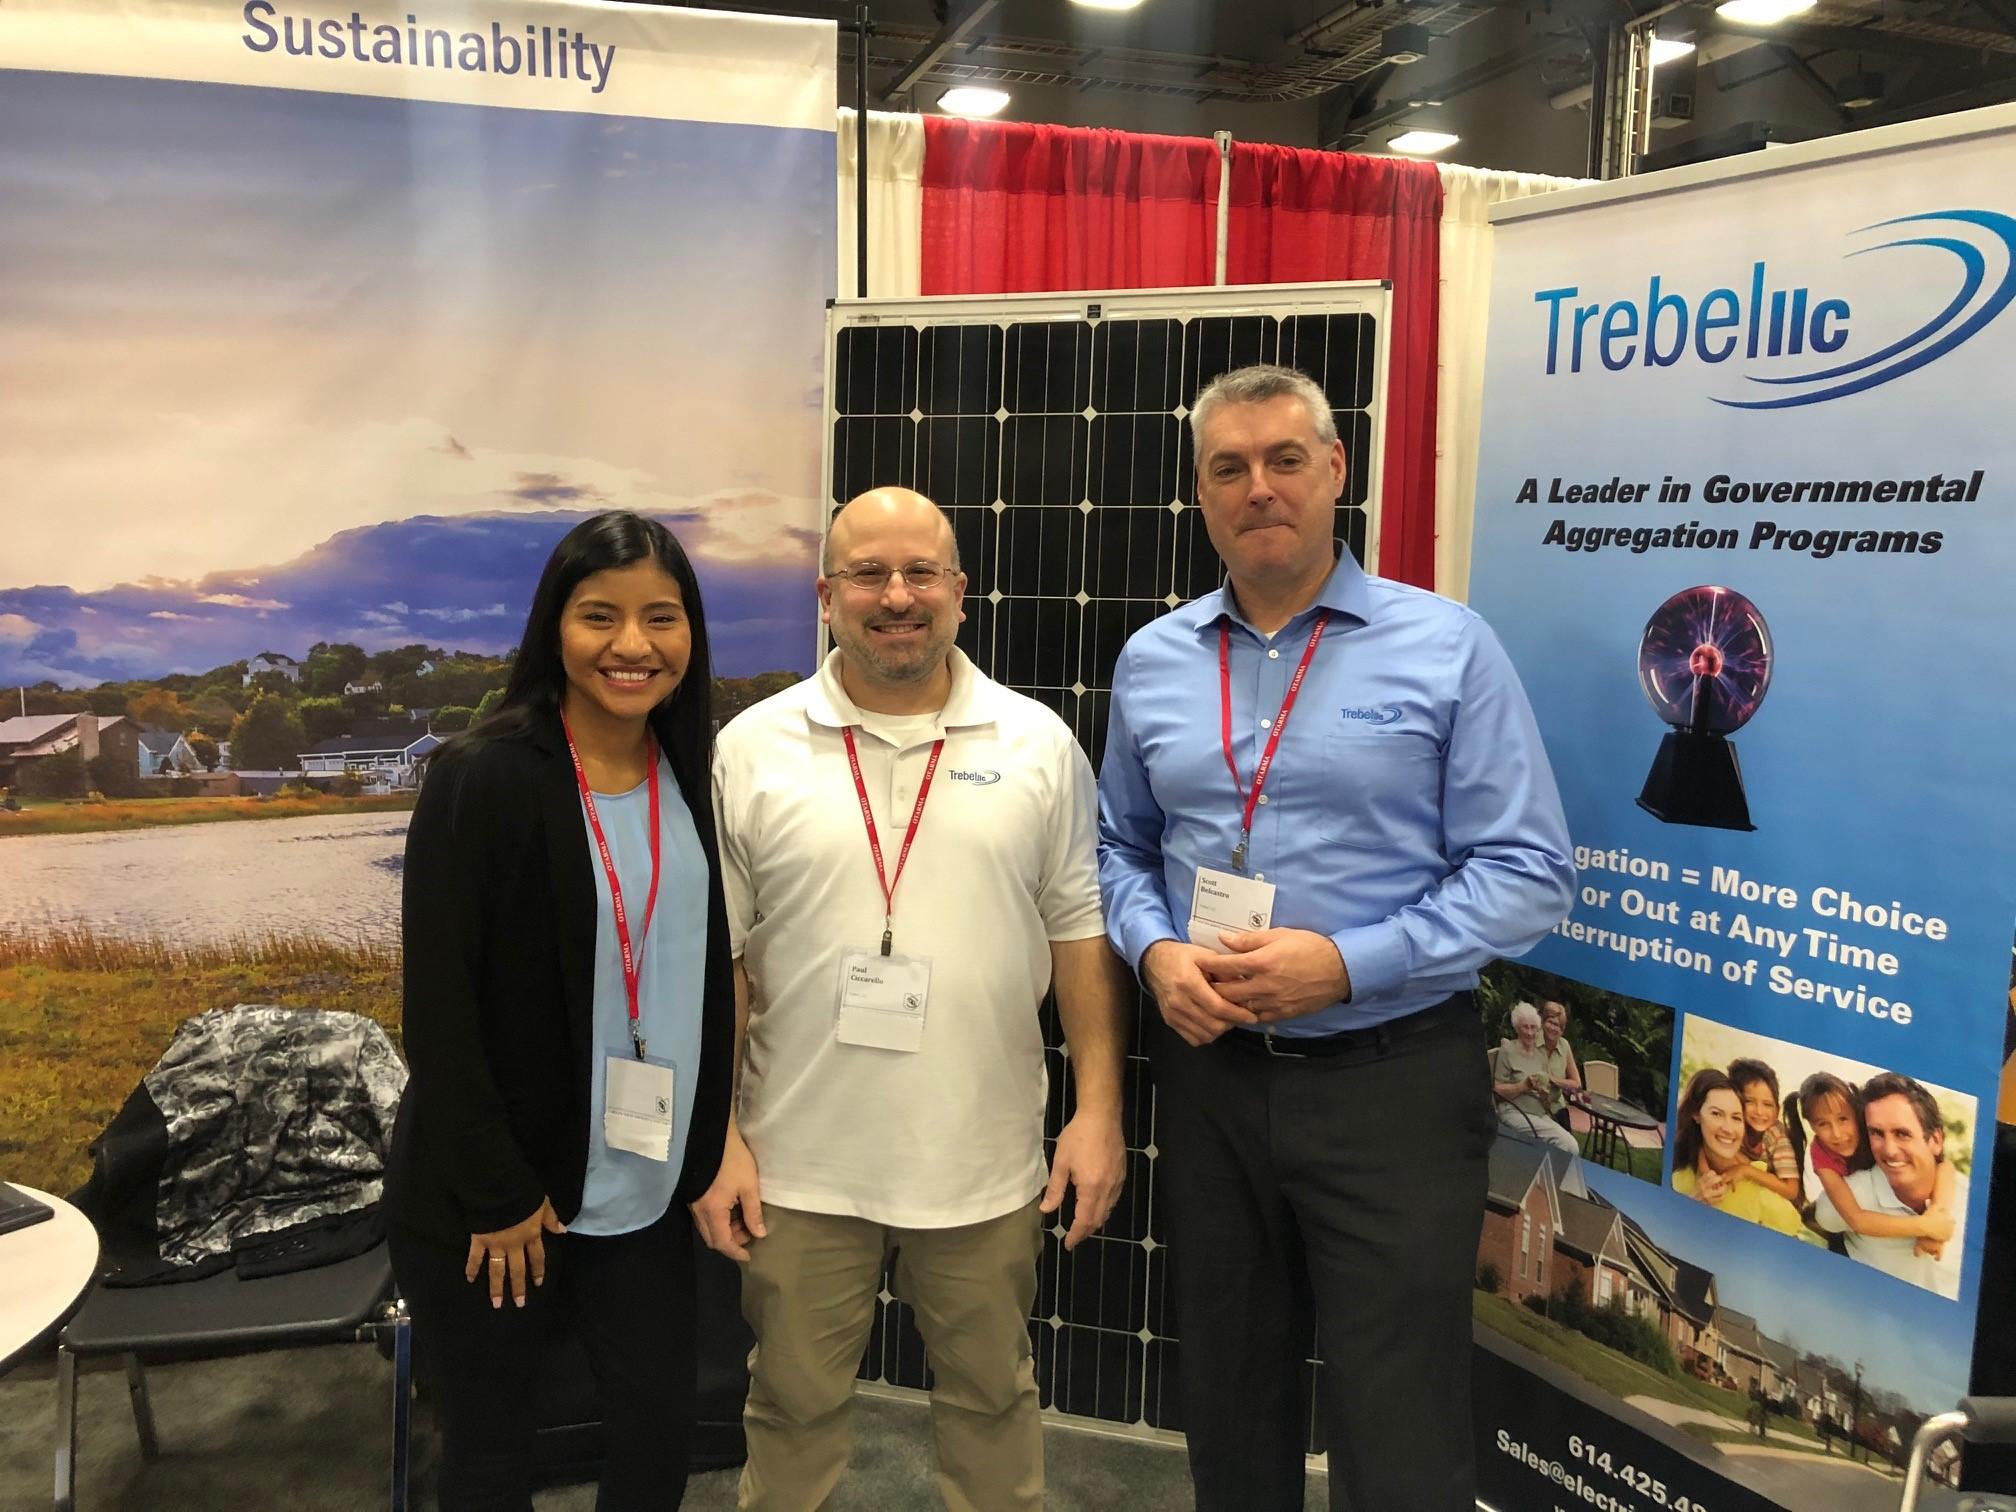 Trebel Energy's Response to COVID-19